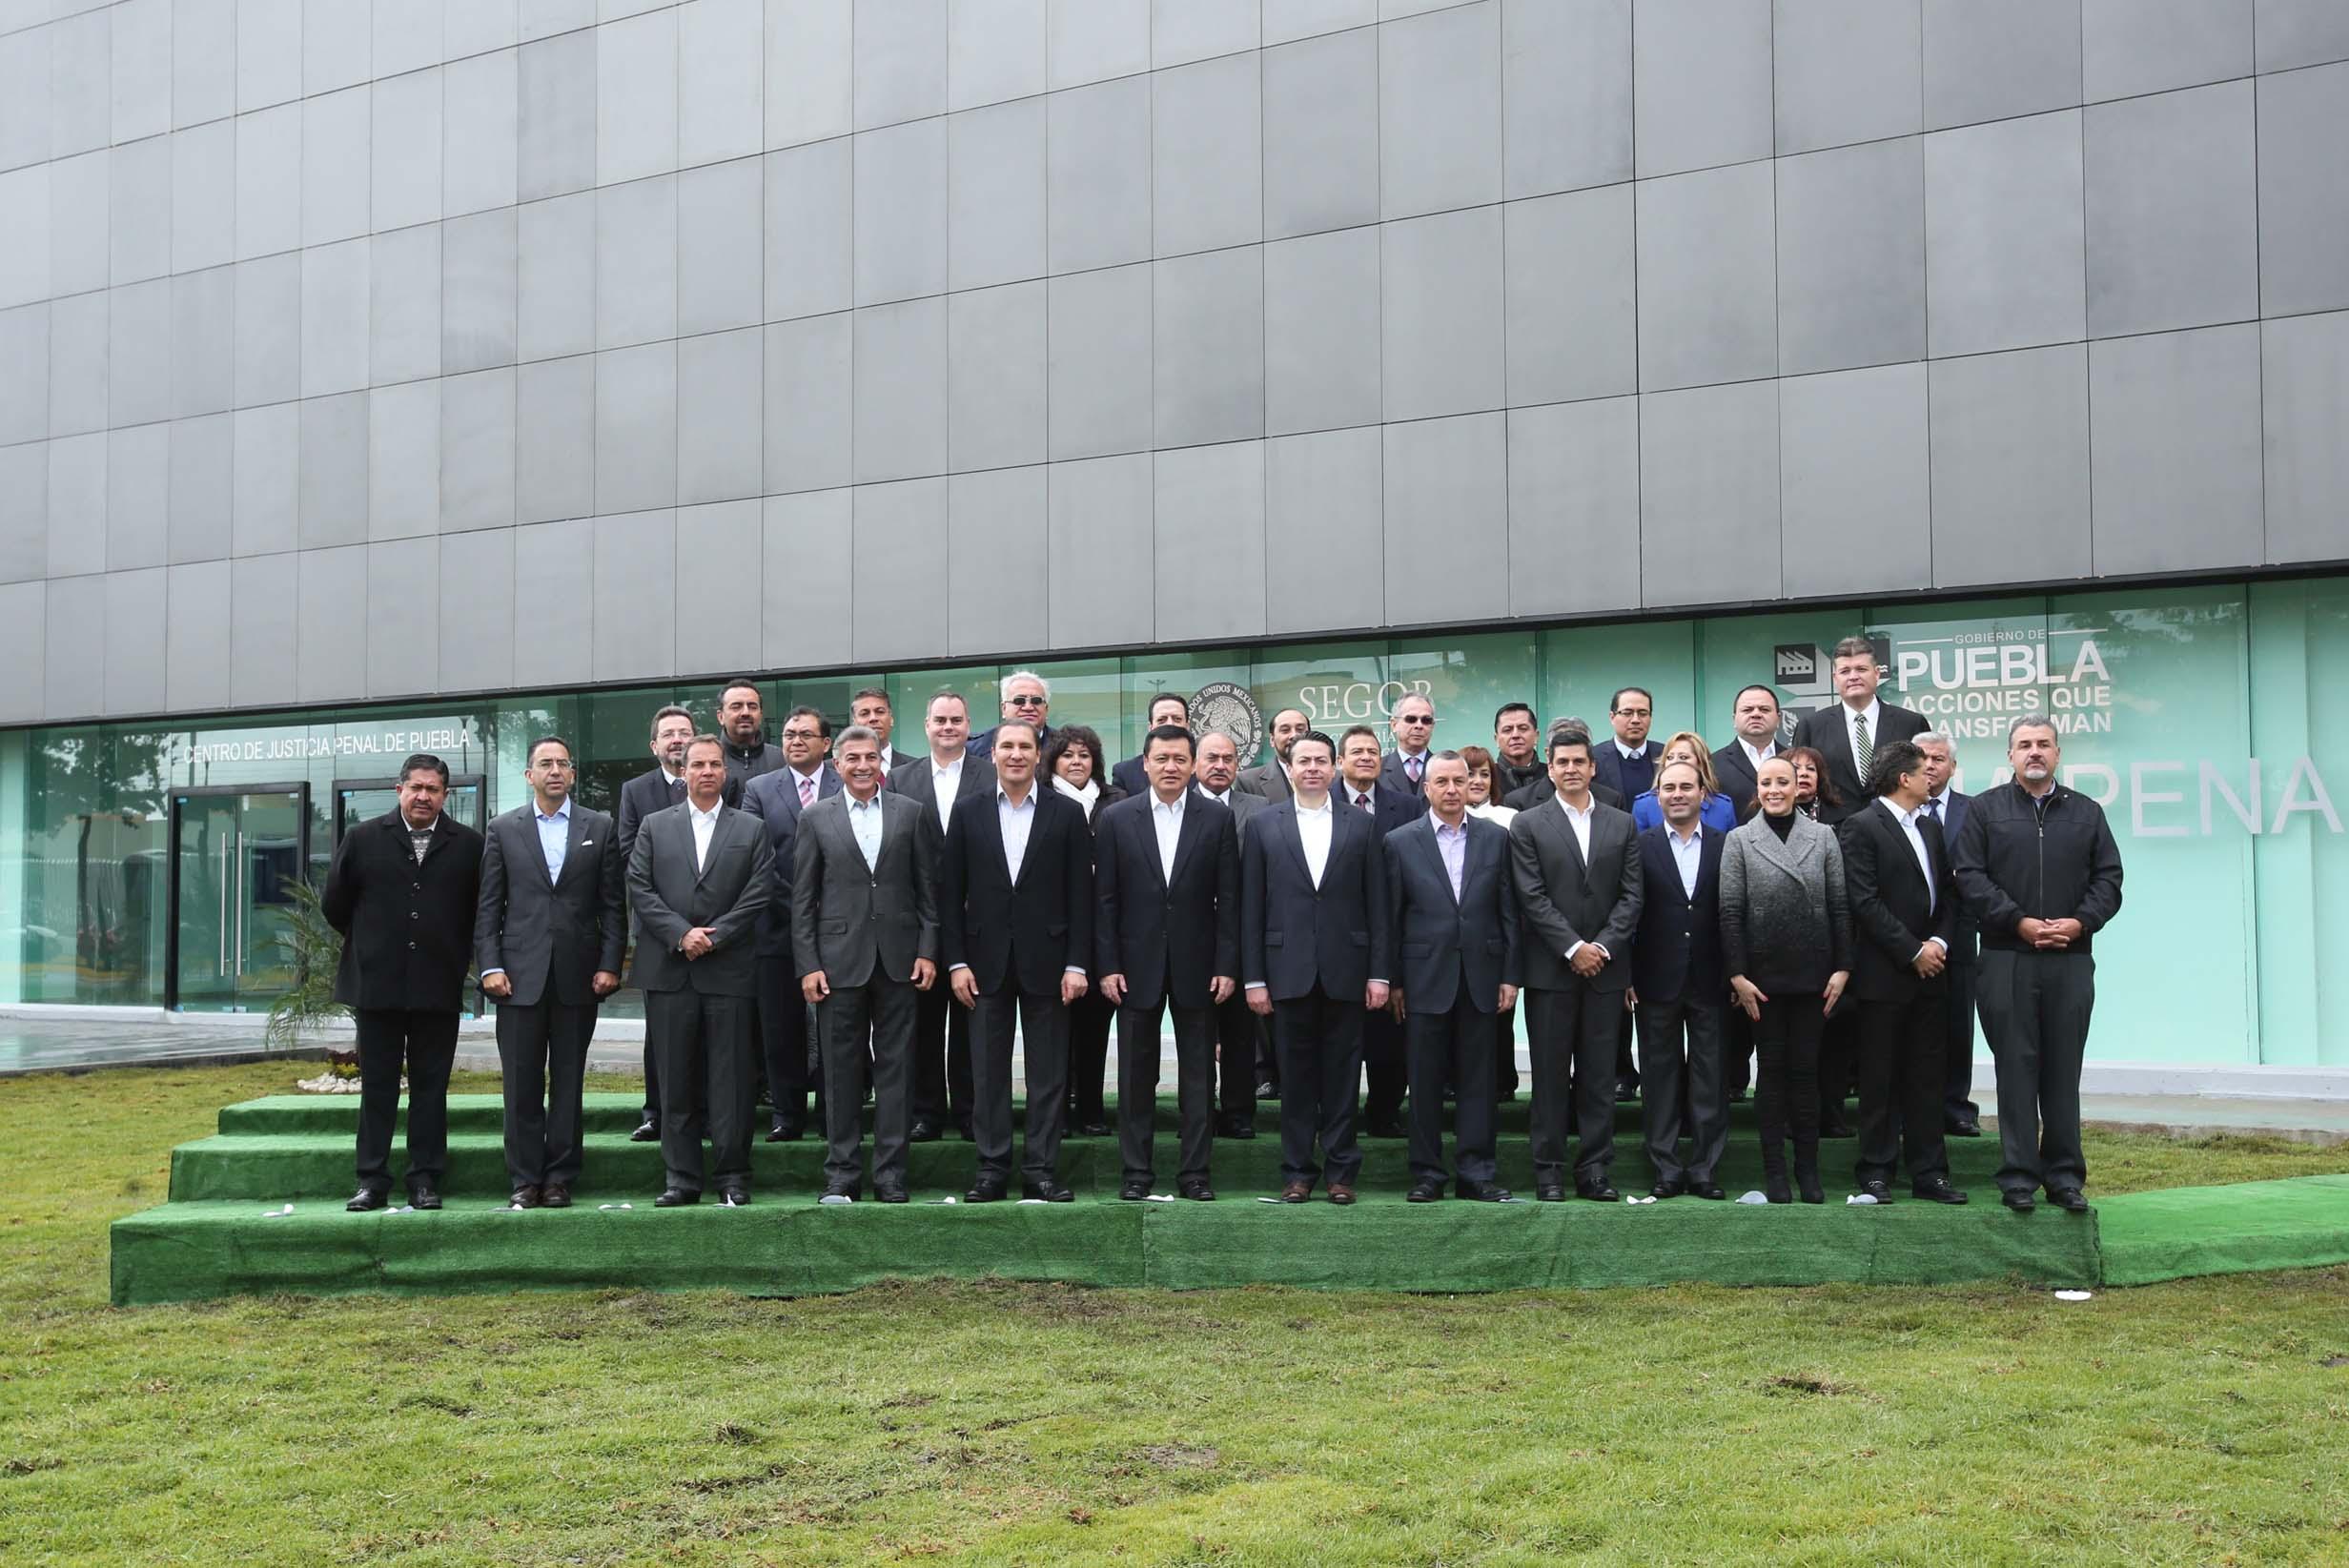 El Secretario de Gobernación, Miguel Ángel Osorio Chong, durante la inauguración del Centro de Justicia Penal de Puebla